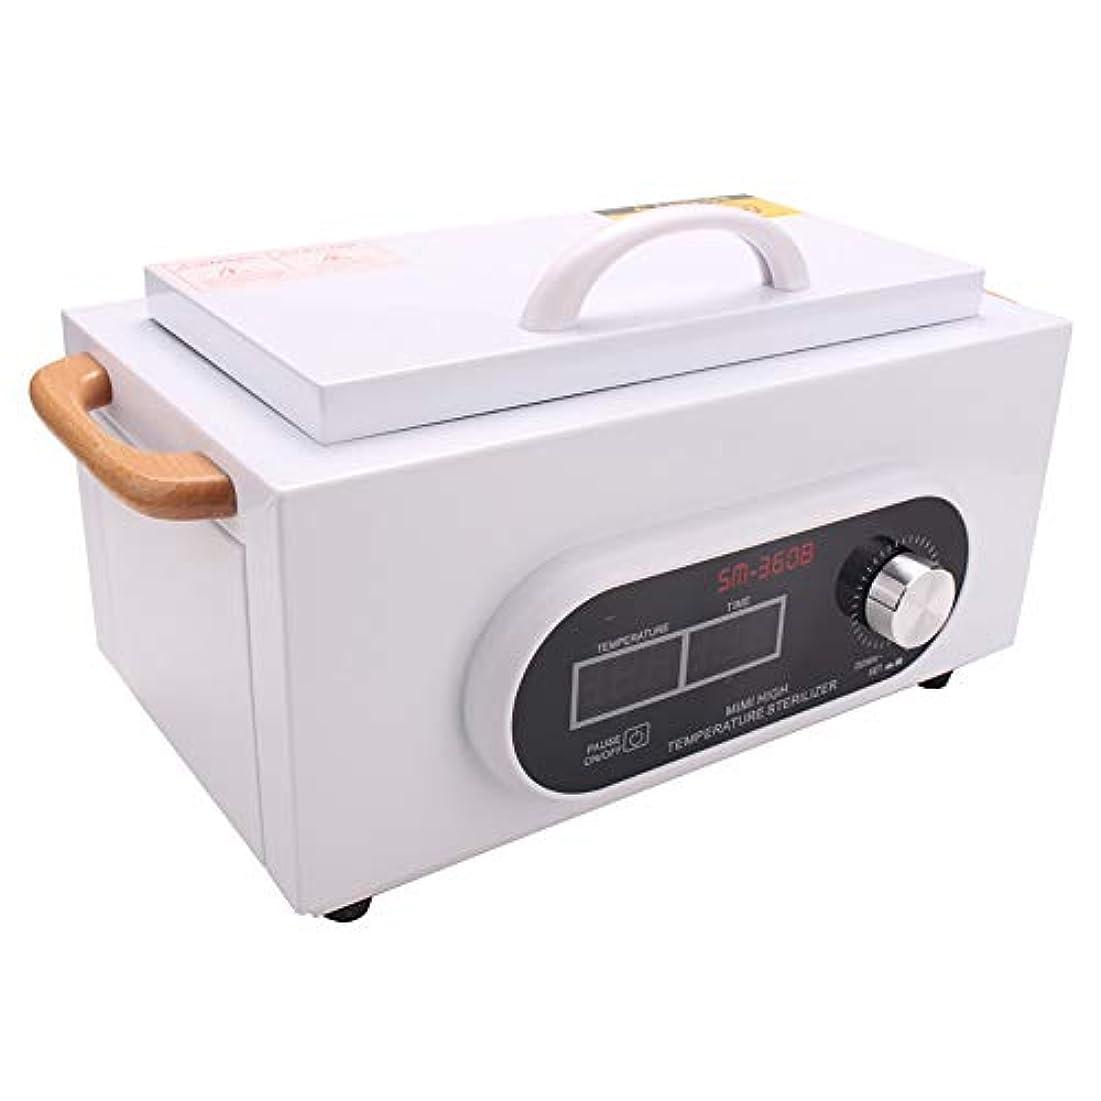 防止トランク代表して300W LCDディスプレイプロフェッショナル高温殺菌ボックスネイルアートサロンポータブル消毒殺菌マニキュアツールドライ熱滅菌